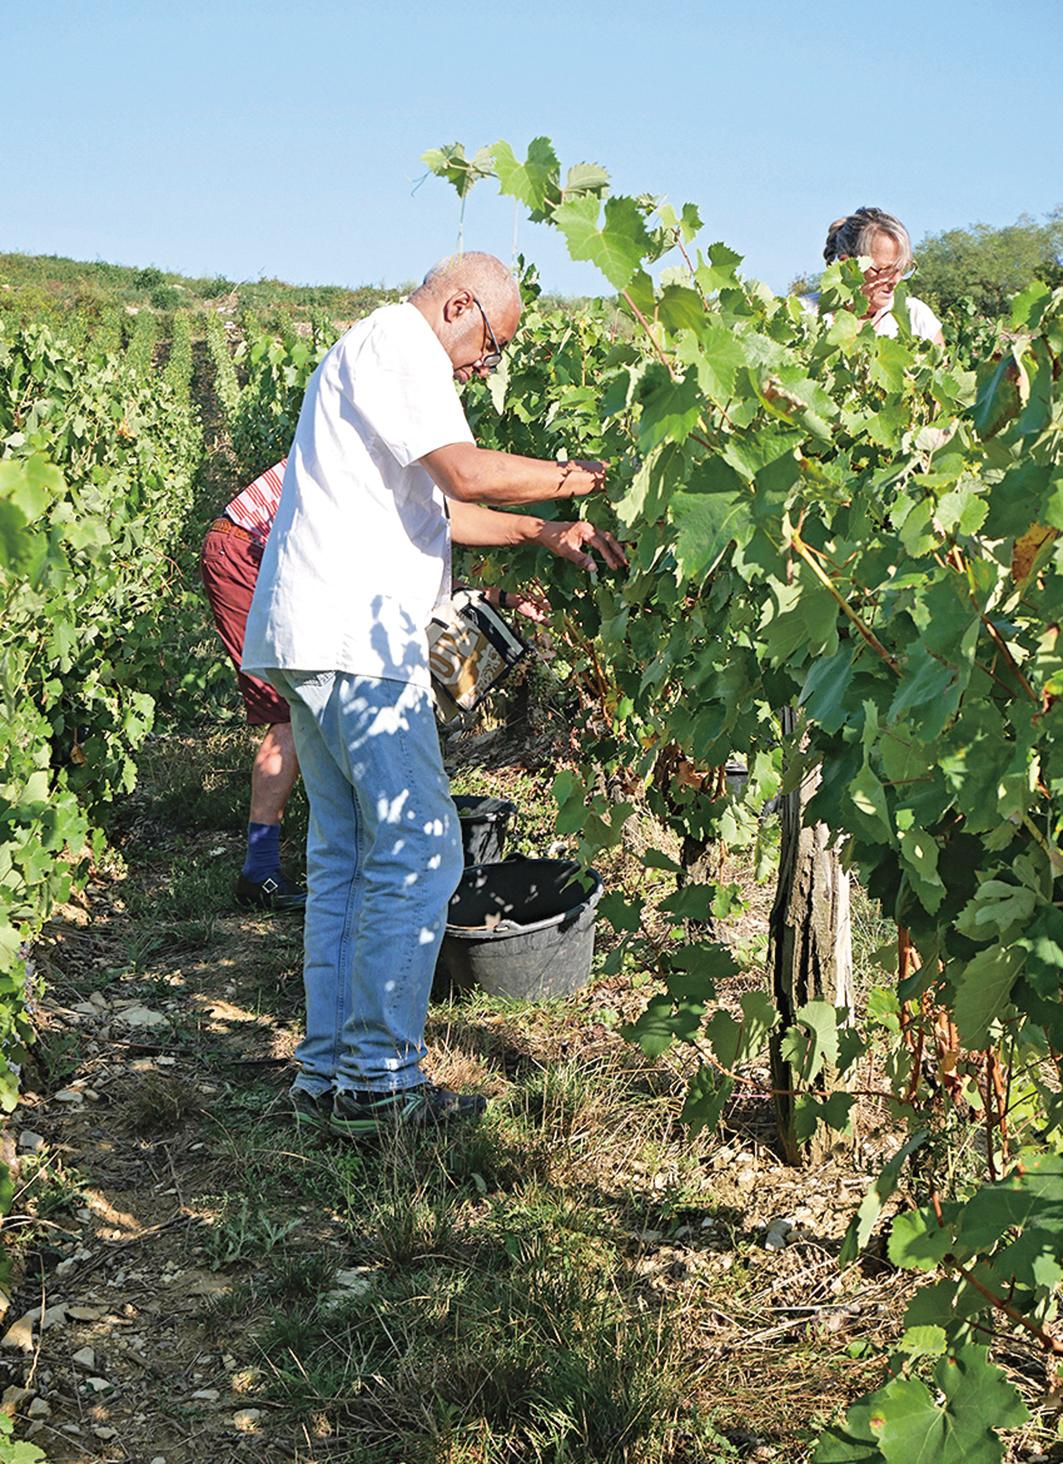 葡萄園裏,人們正在人工採摘葡萄。